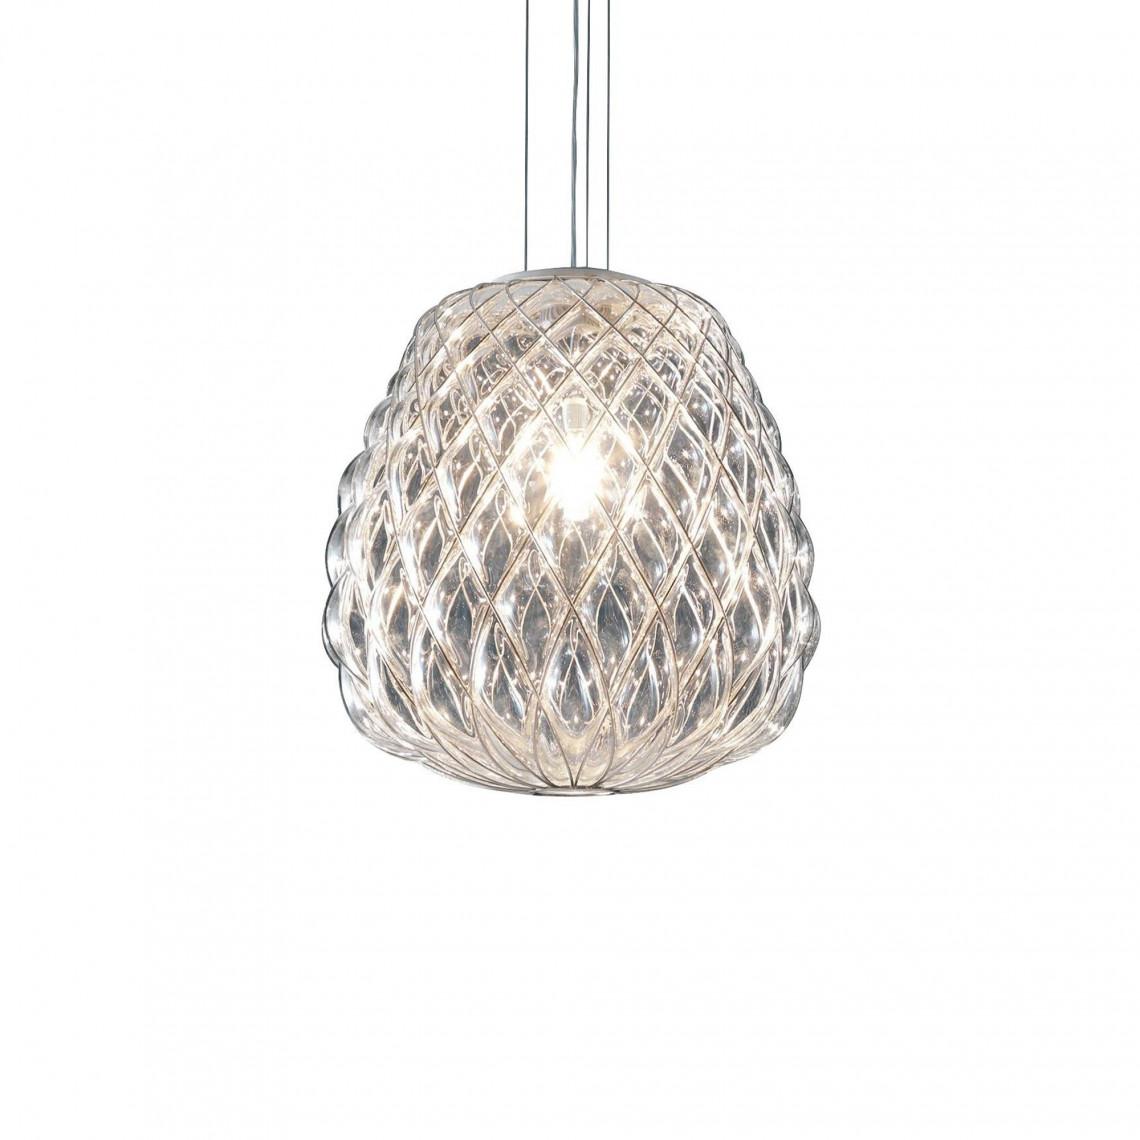 Pinecone - Taklampa Transparent glas med kromad metallbur